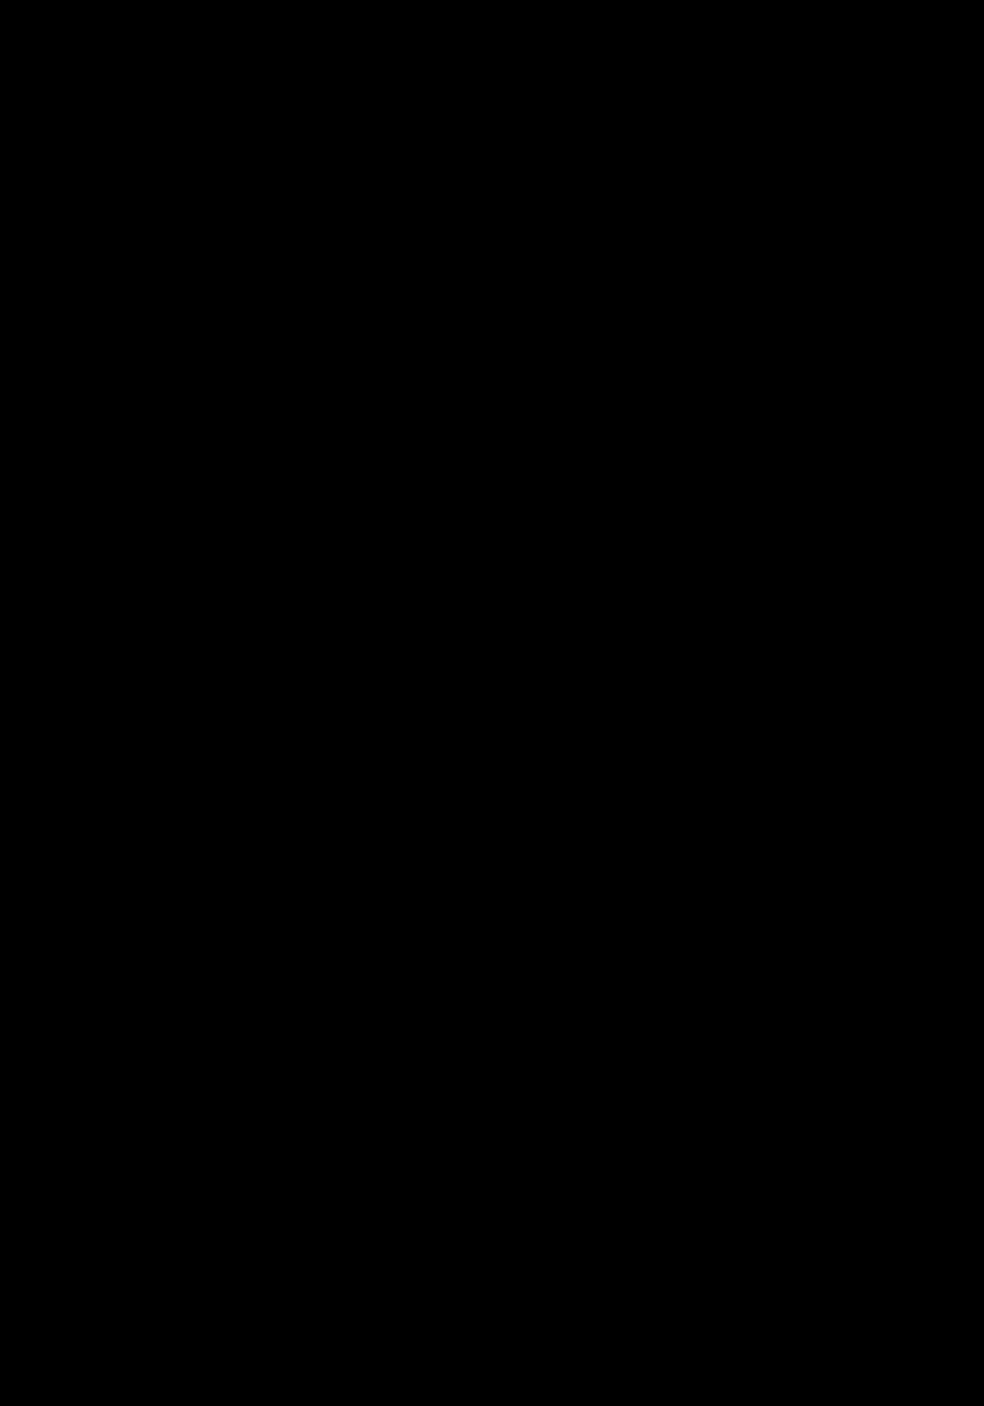 艶 L 小かな LTU-KS 縦組見本